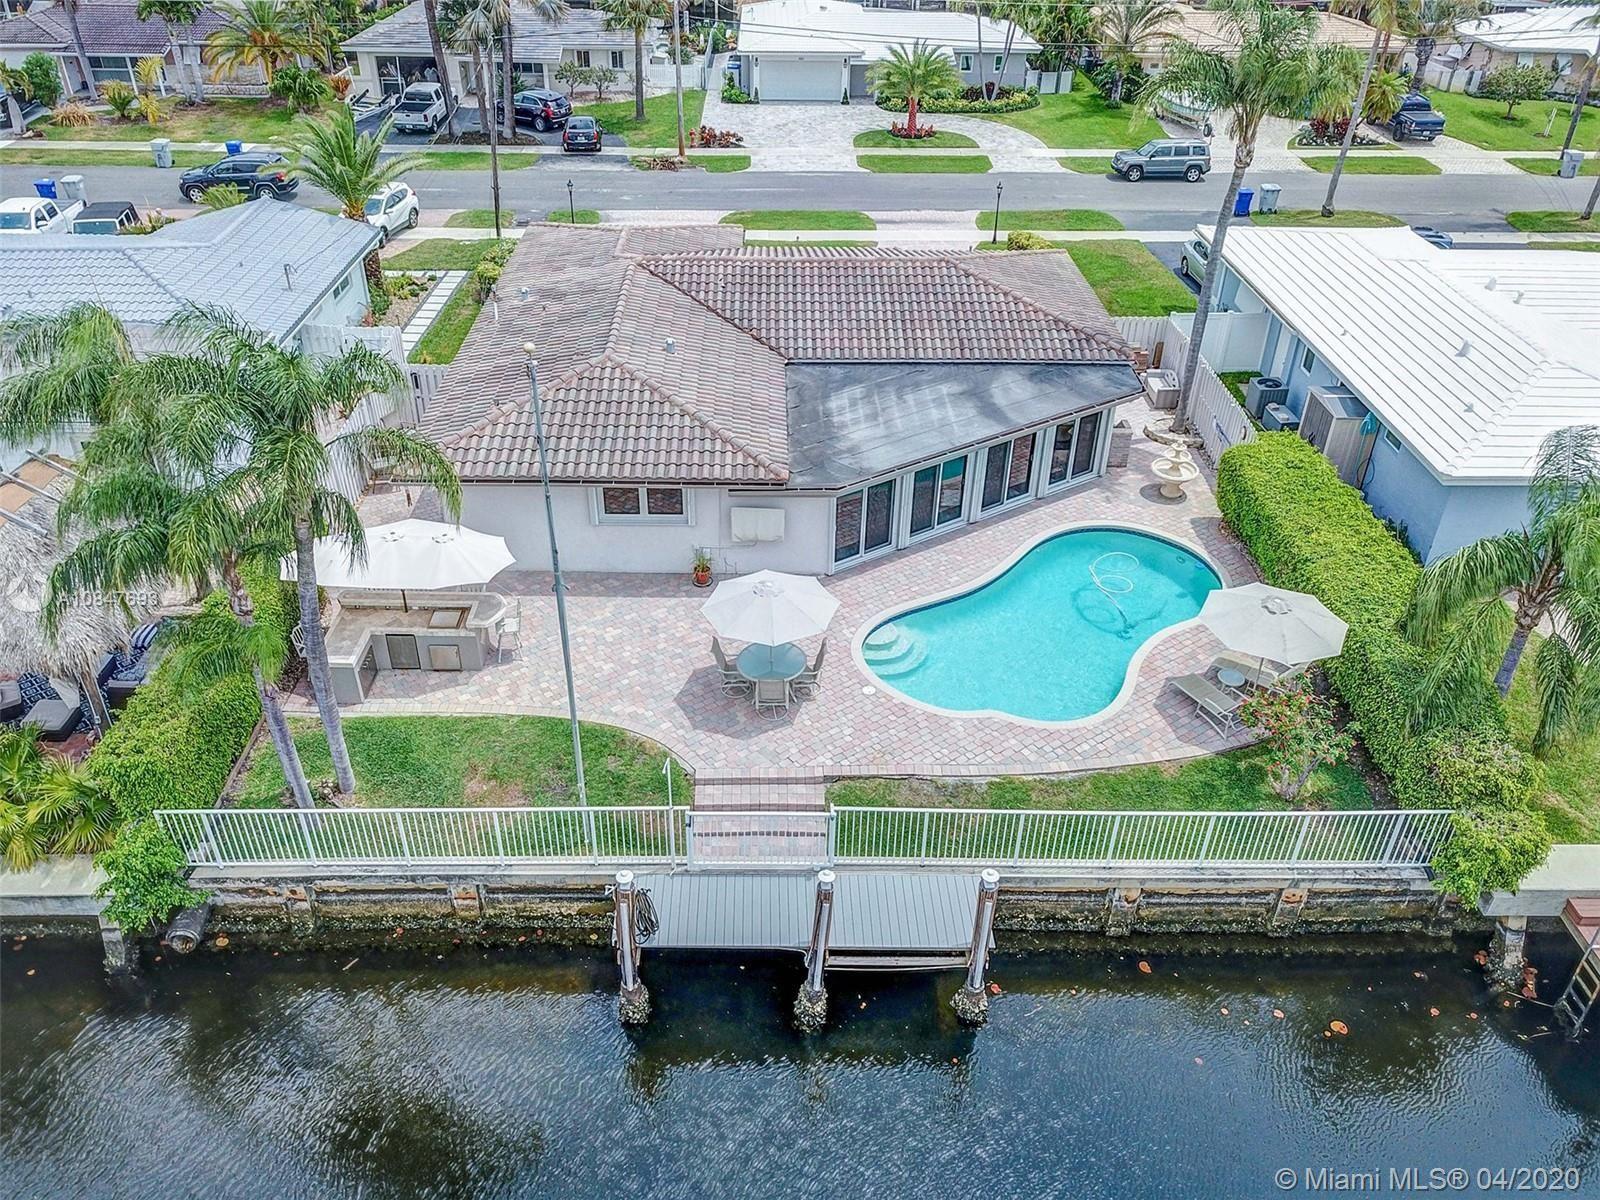 481 SE 8th Ave, Pompano Beach, FL 33060 - #: A10847693